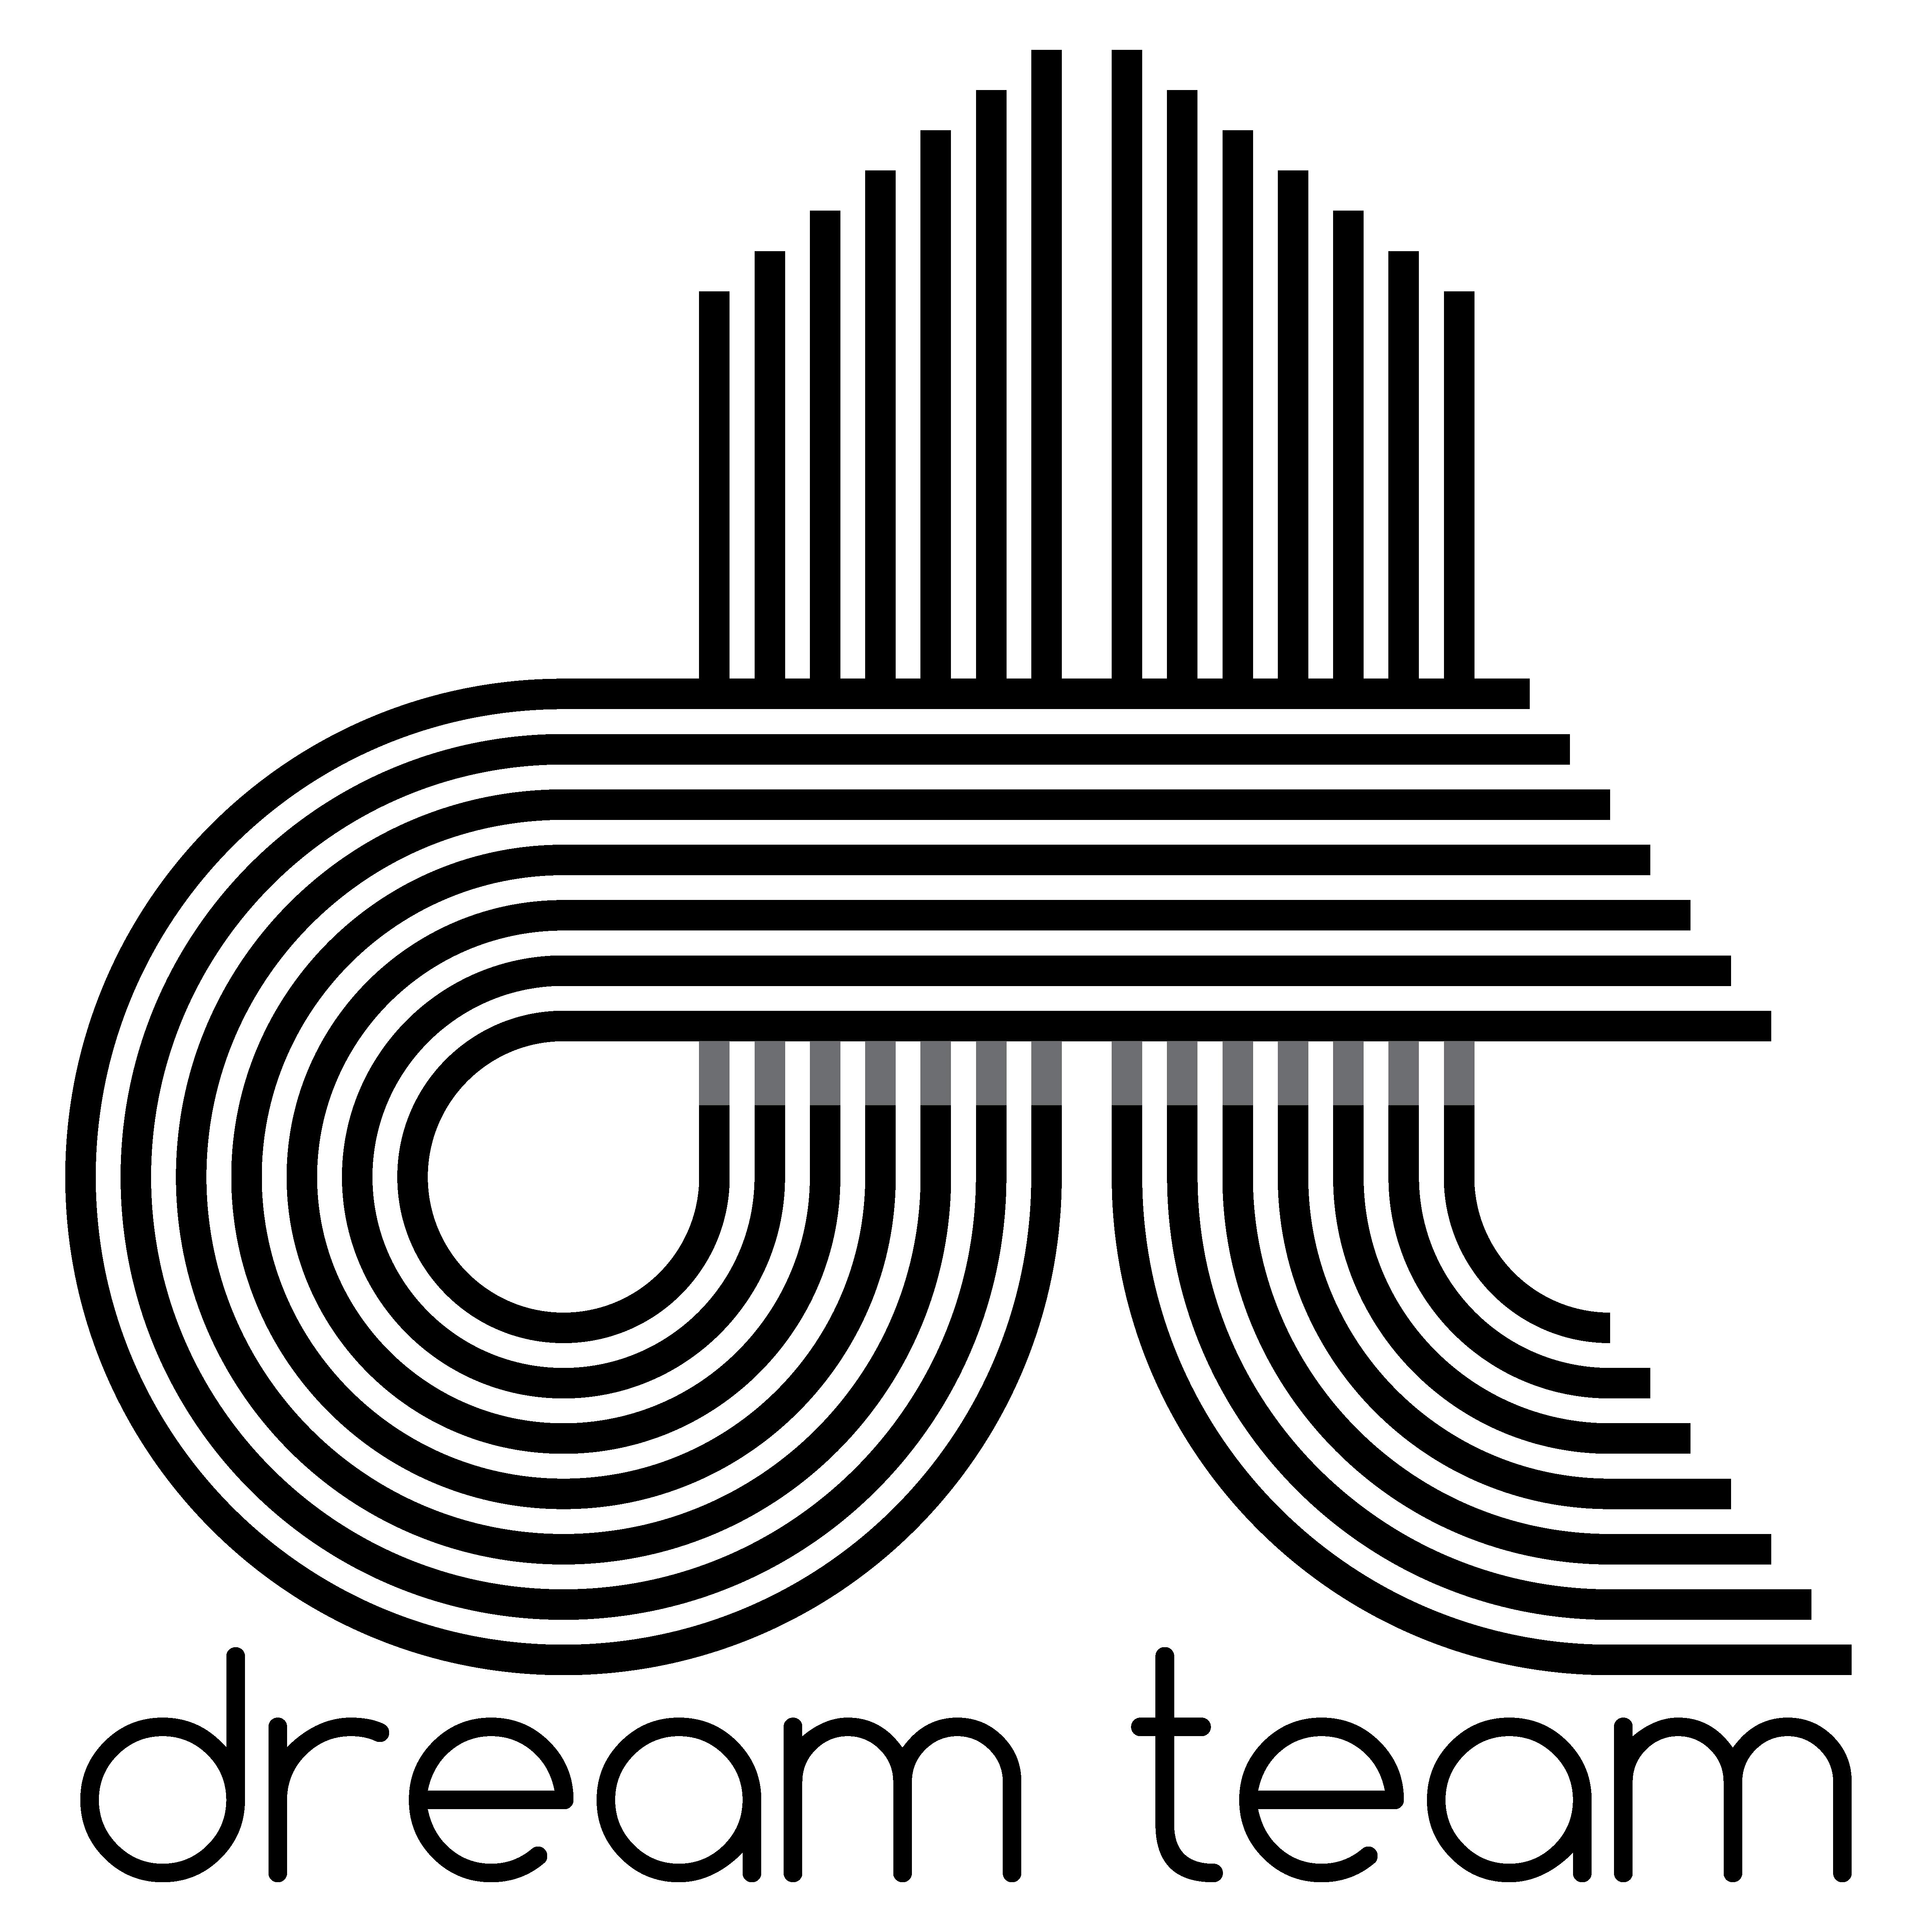 Dreamteam blacktrans